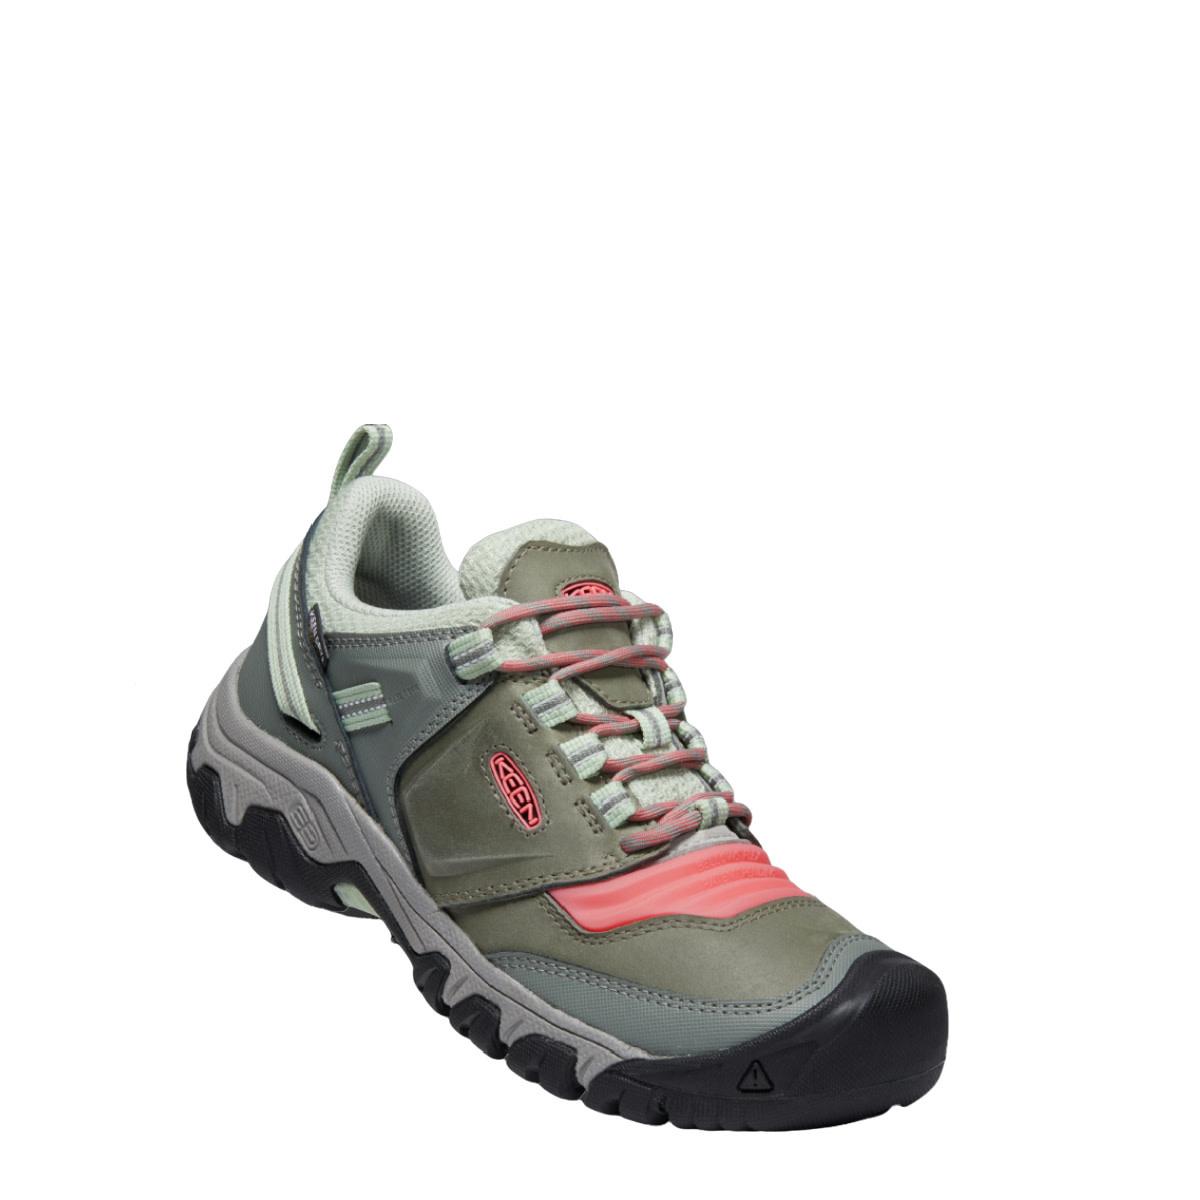 Keen Footwear Keen Women's Tempo Flex Low WP Dubarry